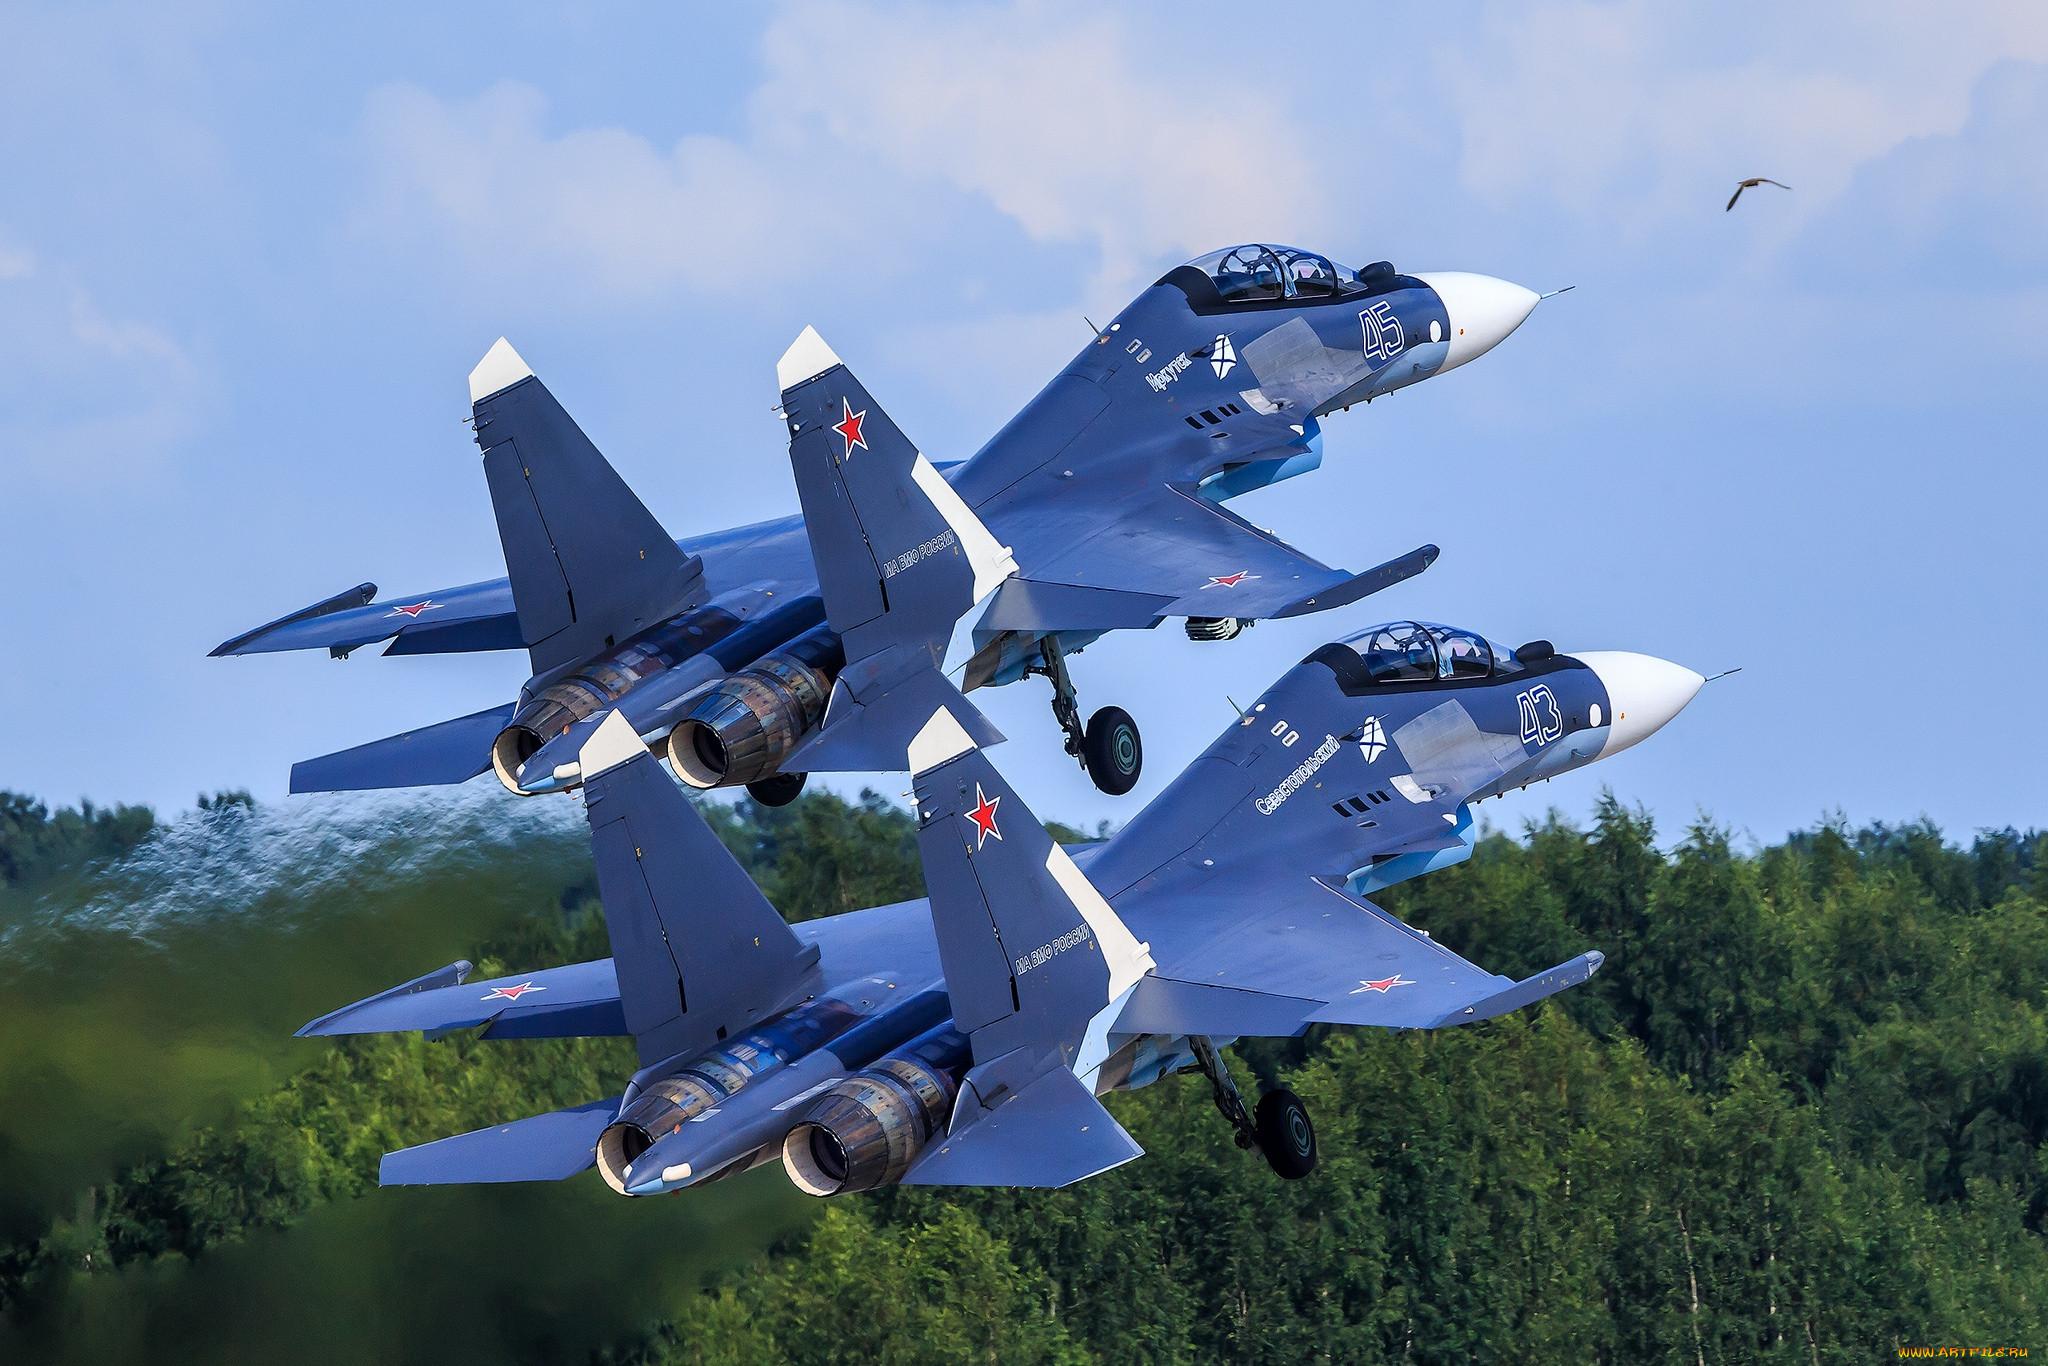 сабж, добрался фото русской военной авиации всего